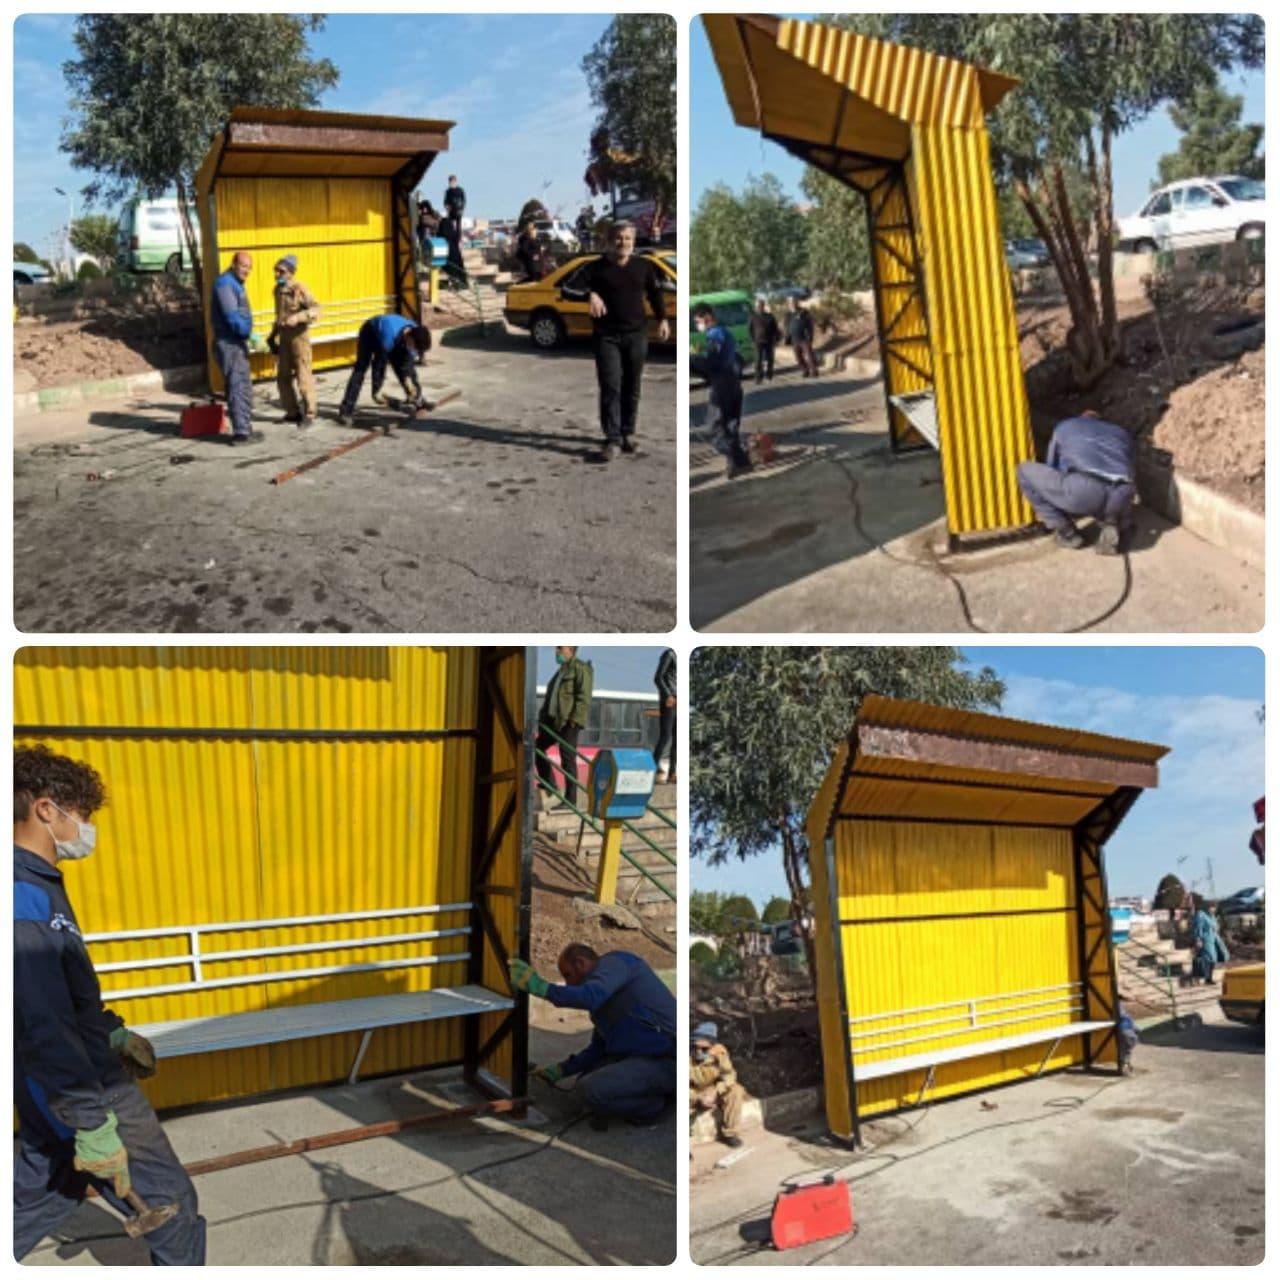 ساخت و نصب ایستگاه تاکسی مسیر شاهد واقع در پایانه امام خمینی (ره)